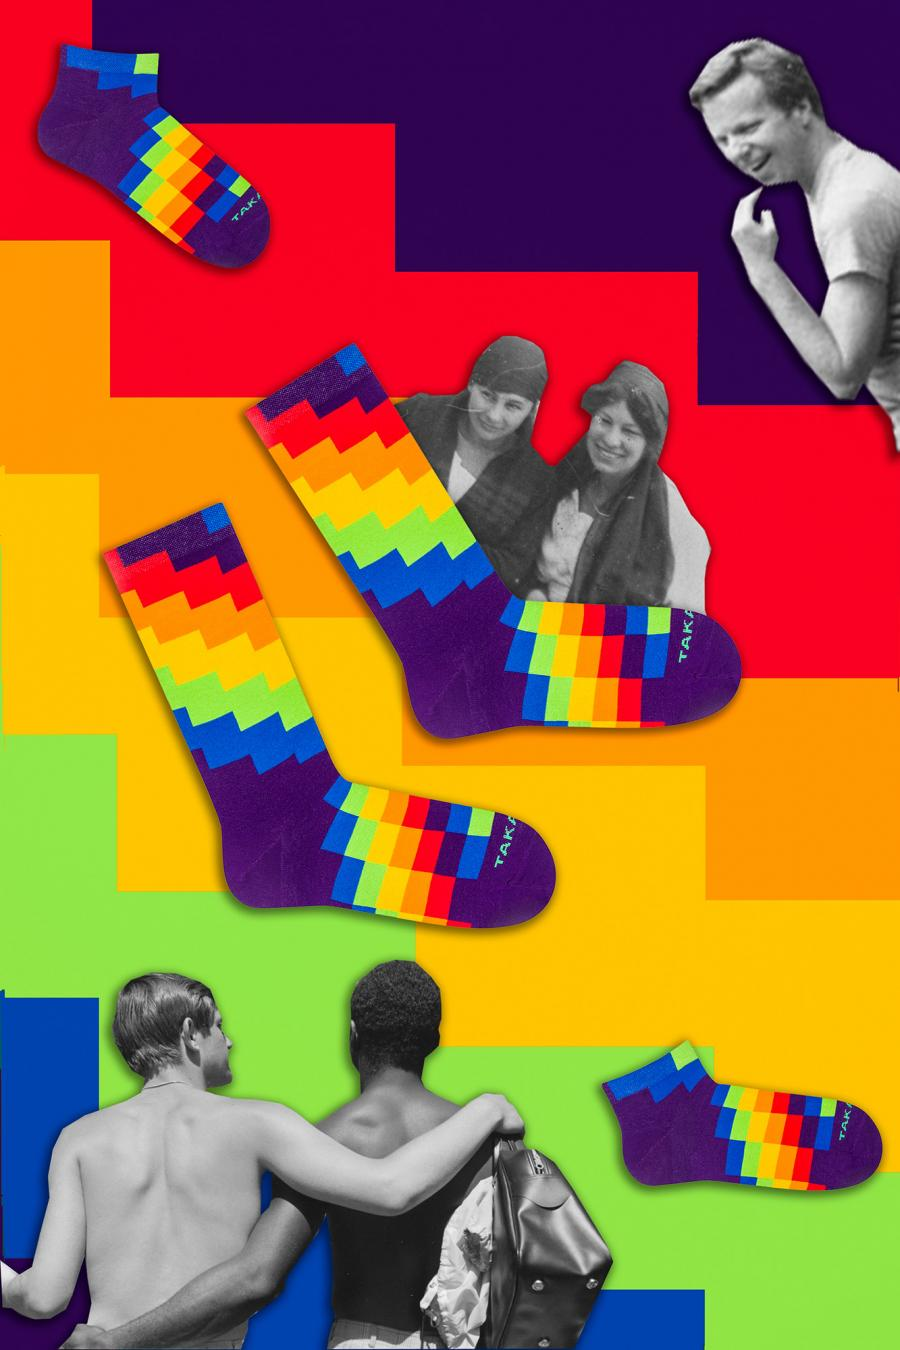 Kolorowe stopki - Tylna 99m1 - Takapara | JestemSlow.pl